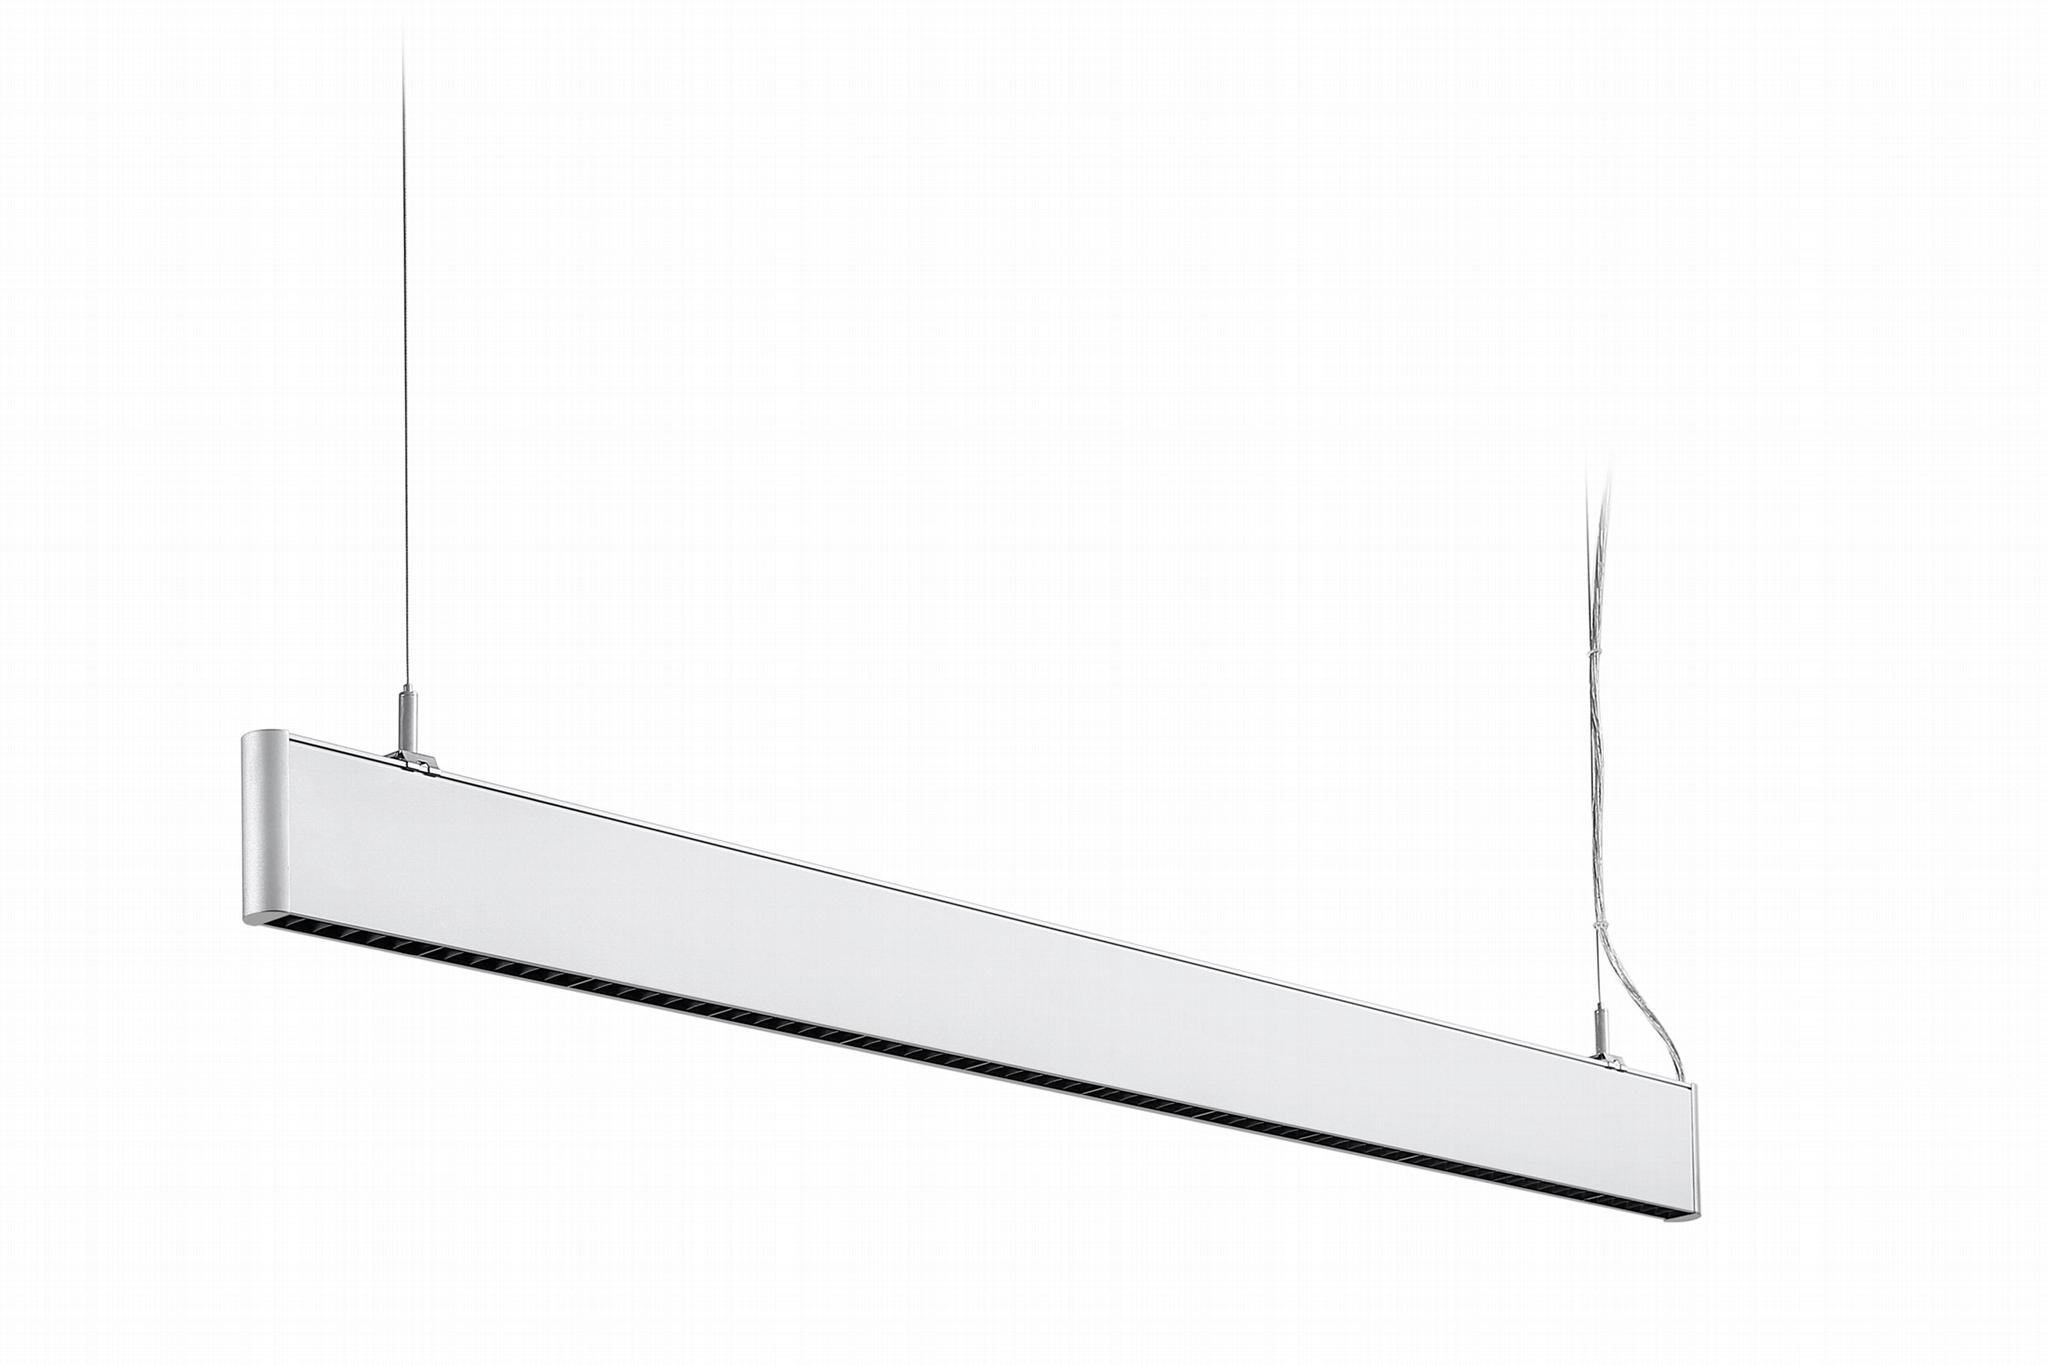 壁挂式反光杯線性燈 LH-2285-FG 3